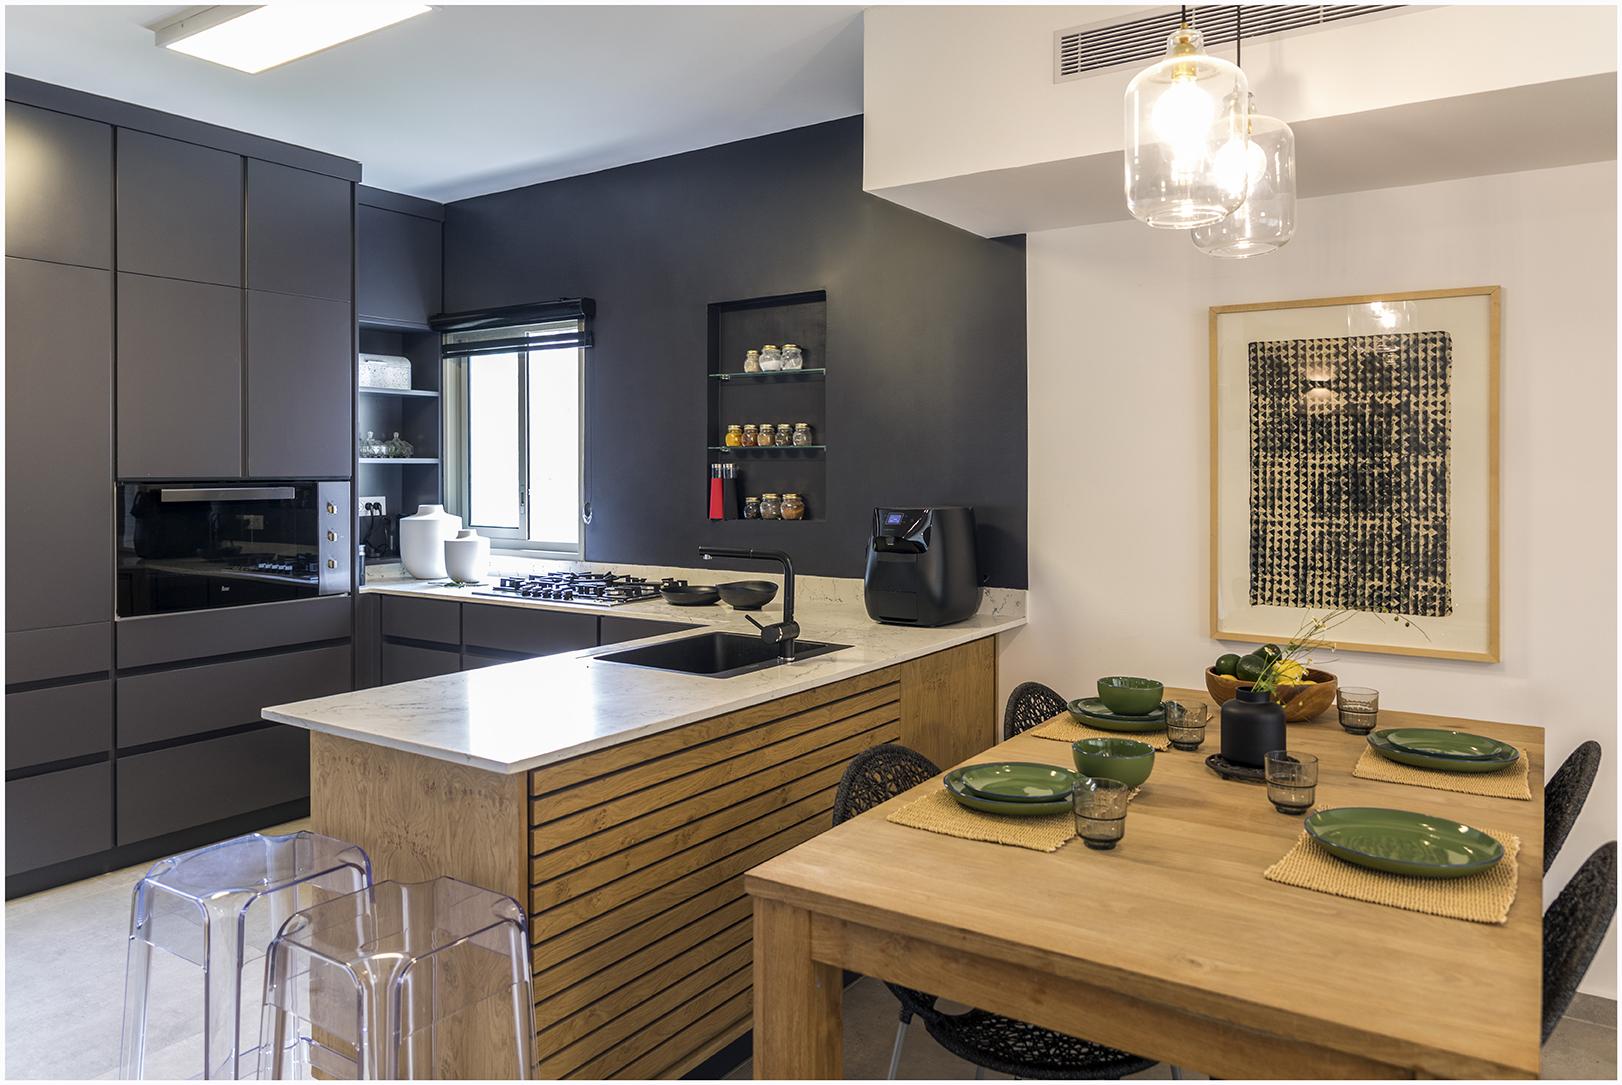 דירה בצפון תל אביב - מבט למטבח